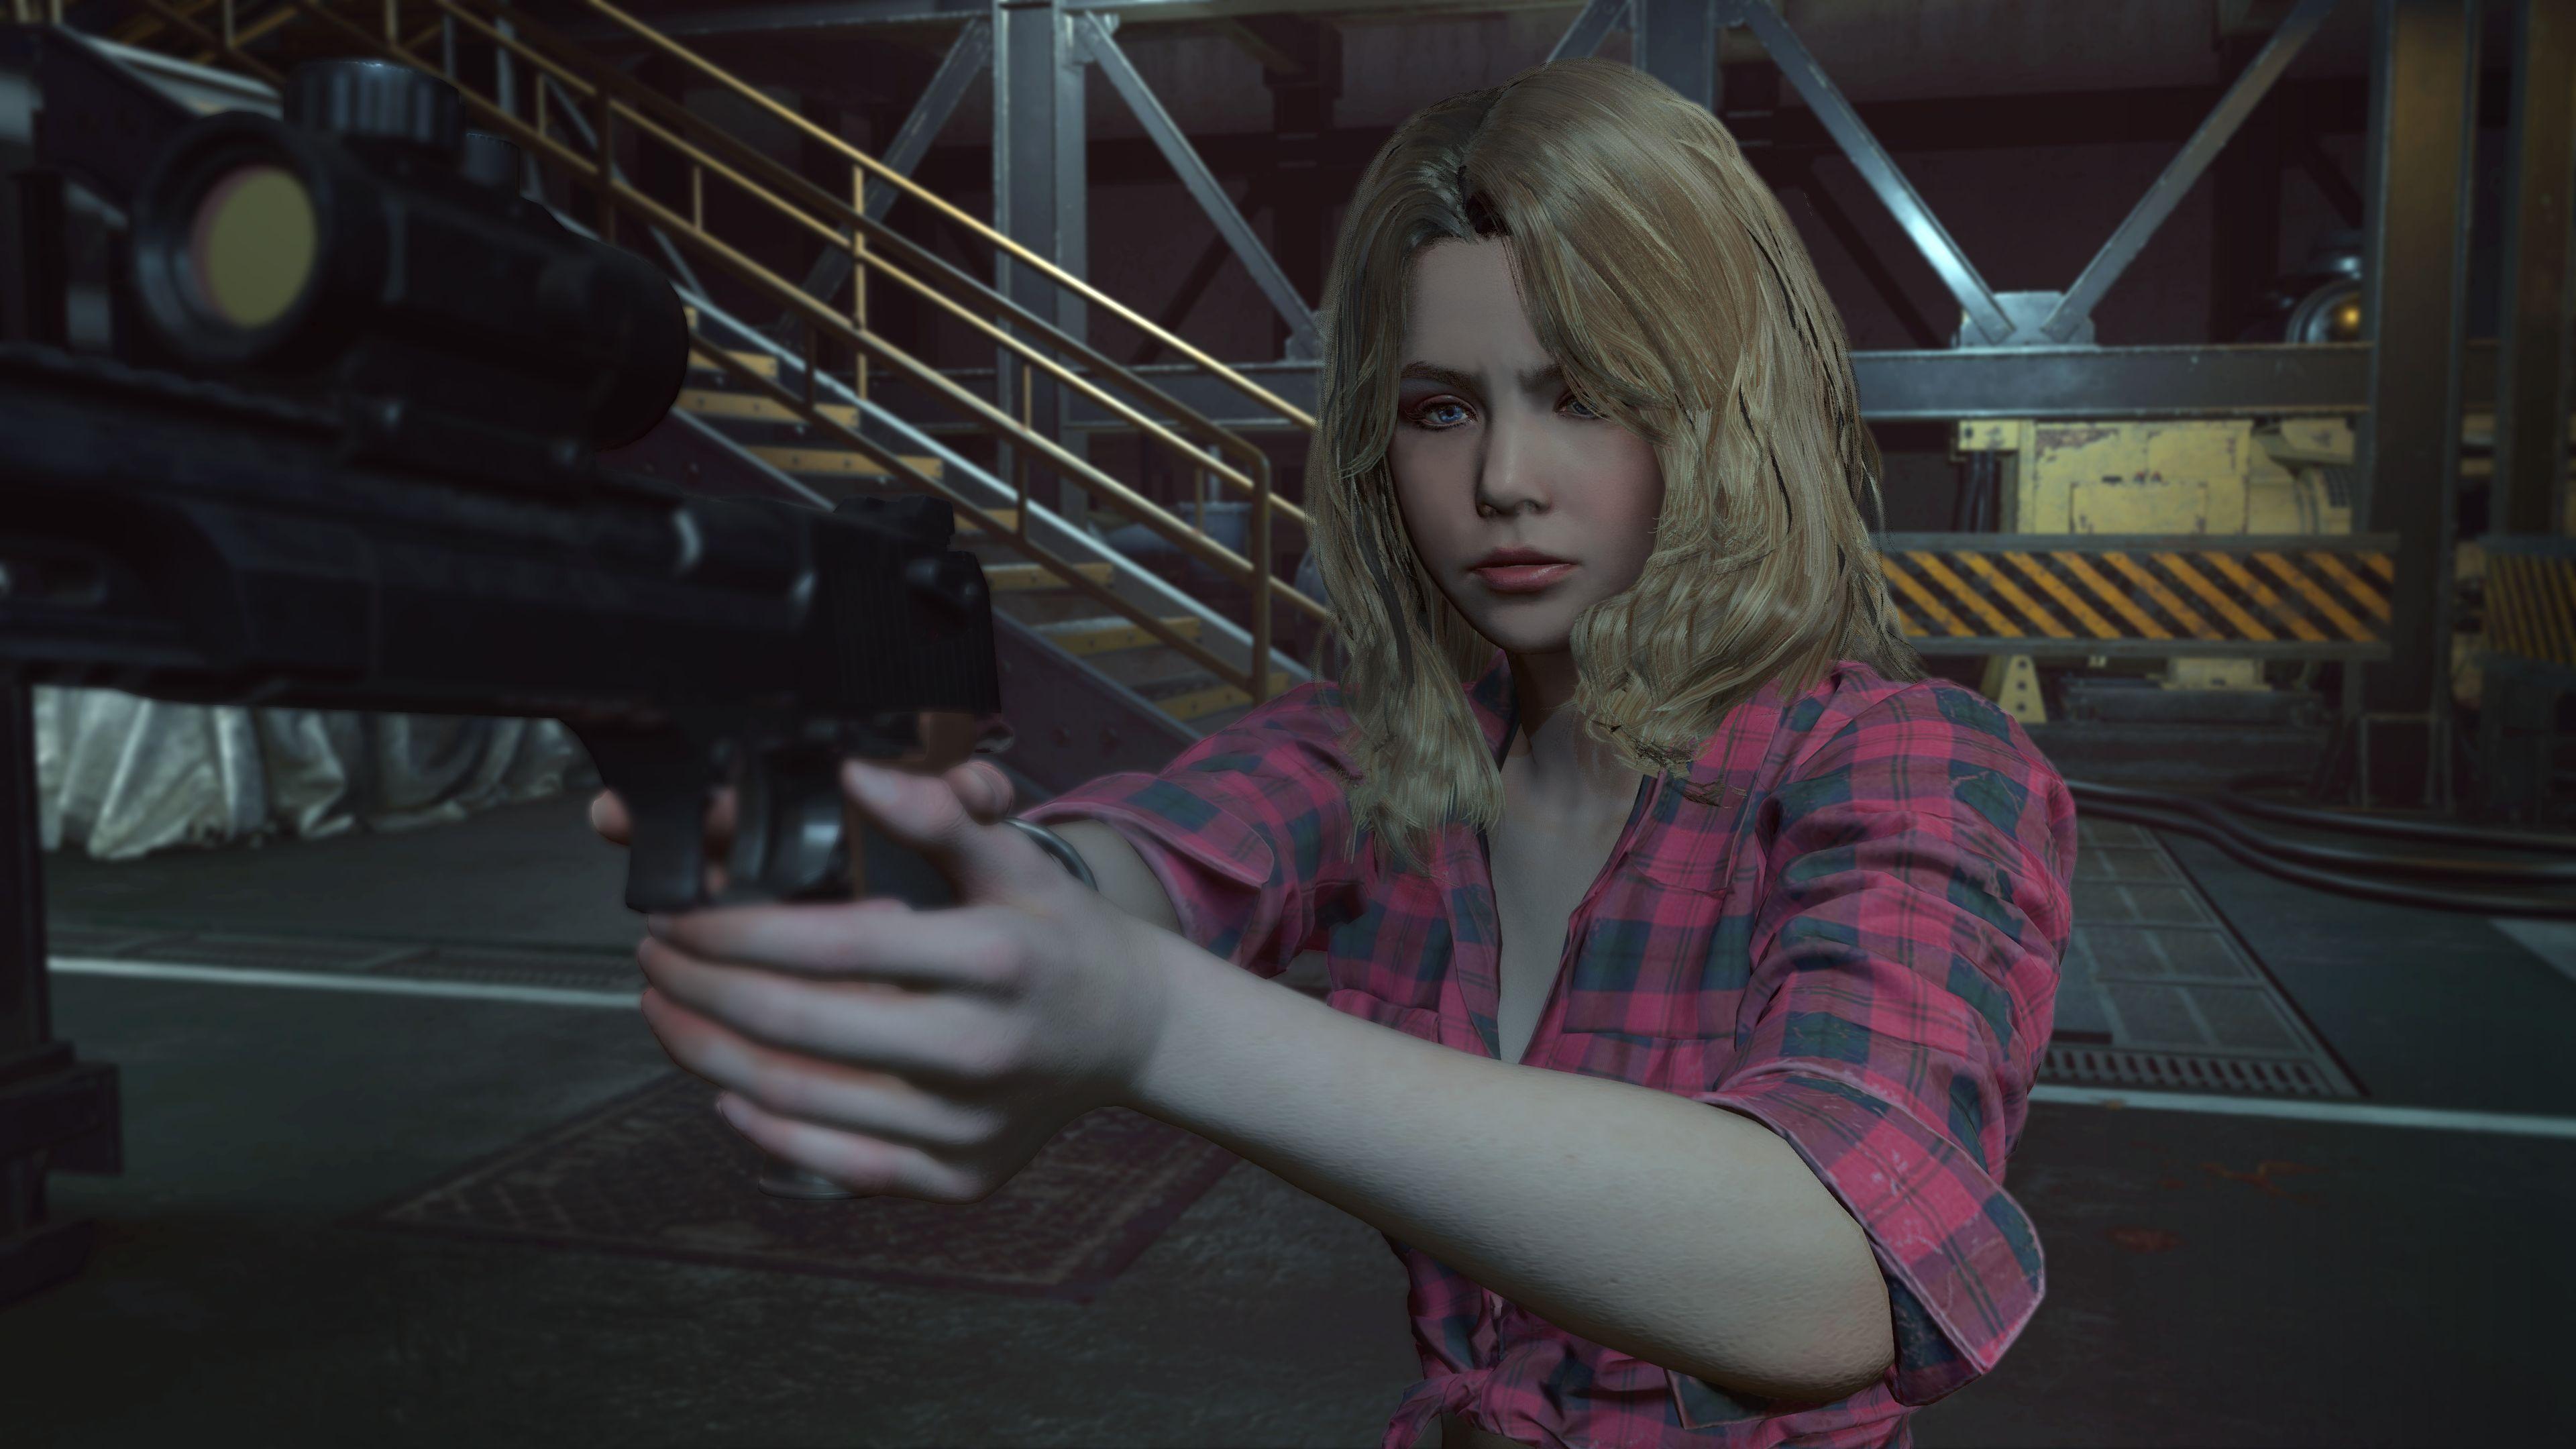 Resident Evil Resistance beta abierta en PS4 y Steam se retrasó debido a problemas técnicos 51